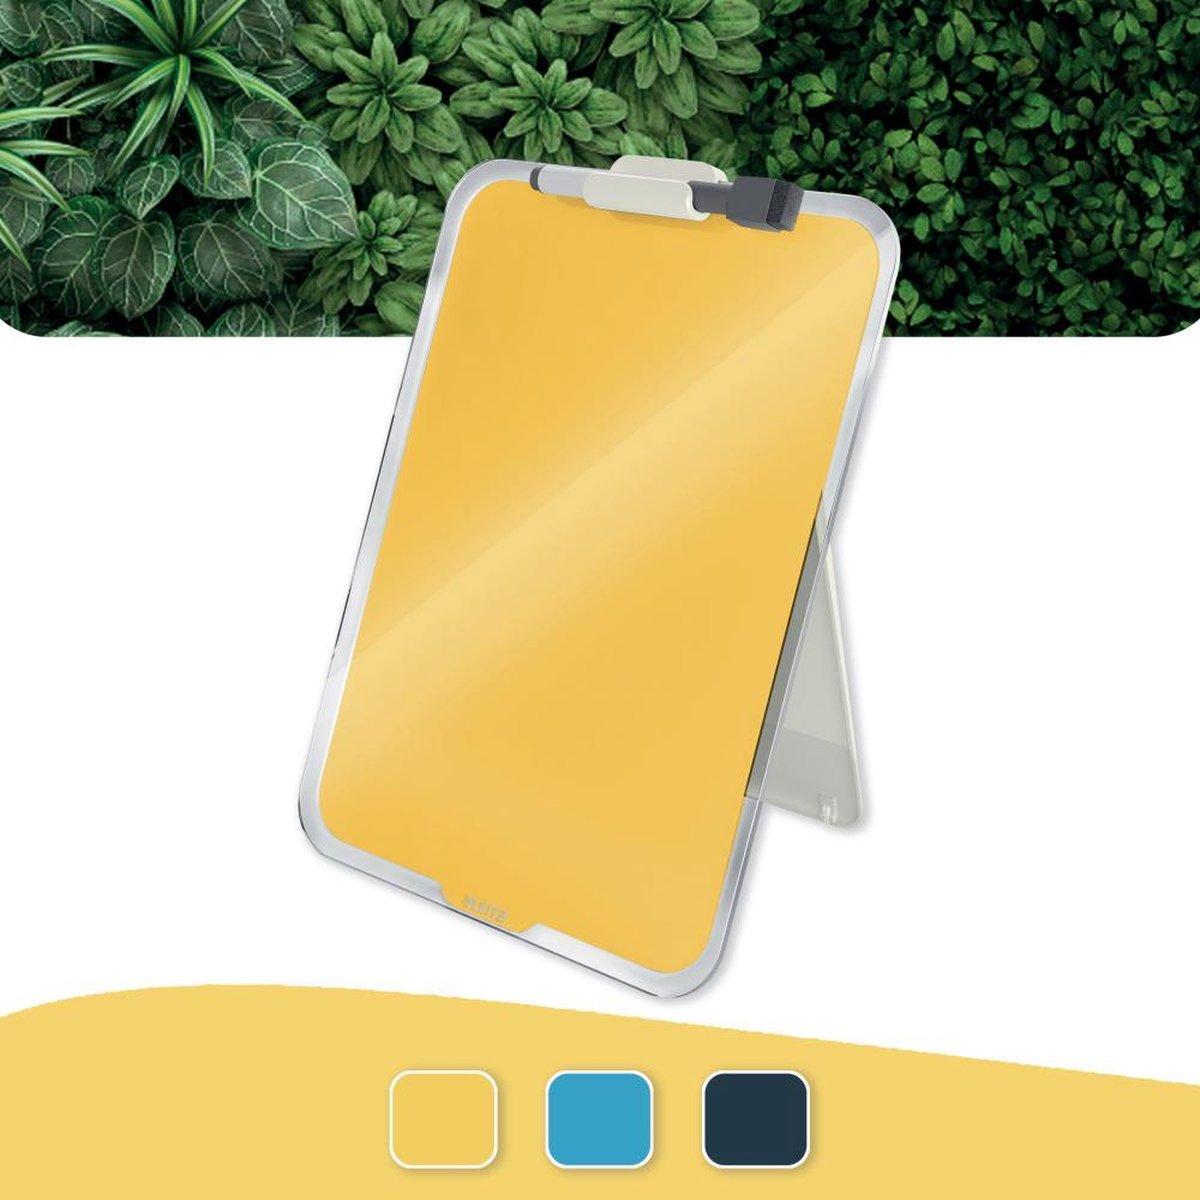 Leitz Cosy Beschrijfbare Glassboard Voor Bureau - Clipboard a4 Formaat - Glazen Memobord Inclusief Inclusief Pennenhouder En Minimarker Met Wisser - Warm Geel